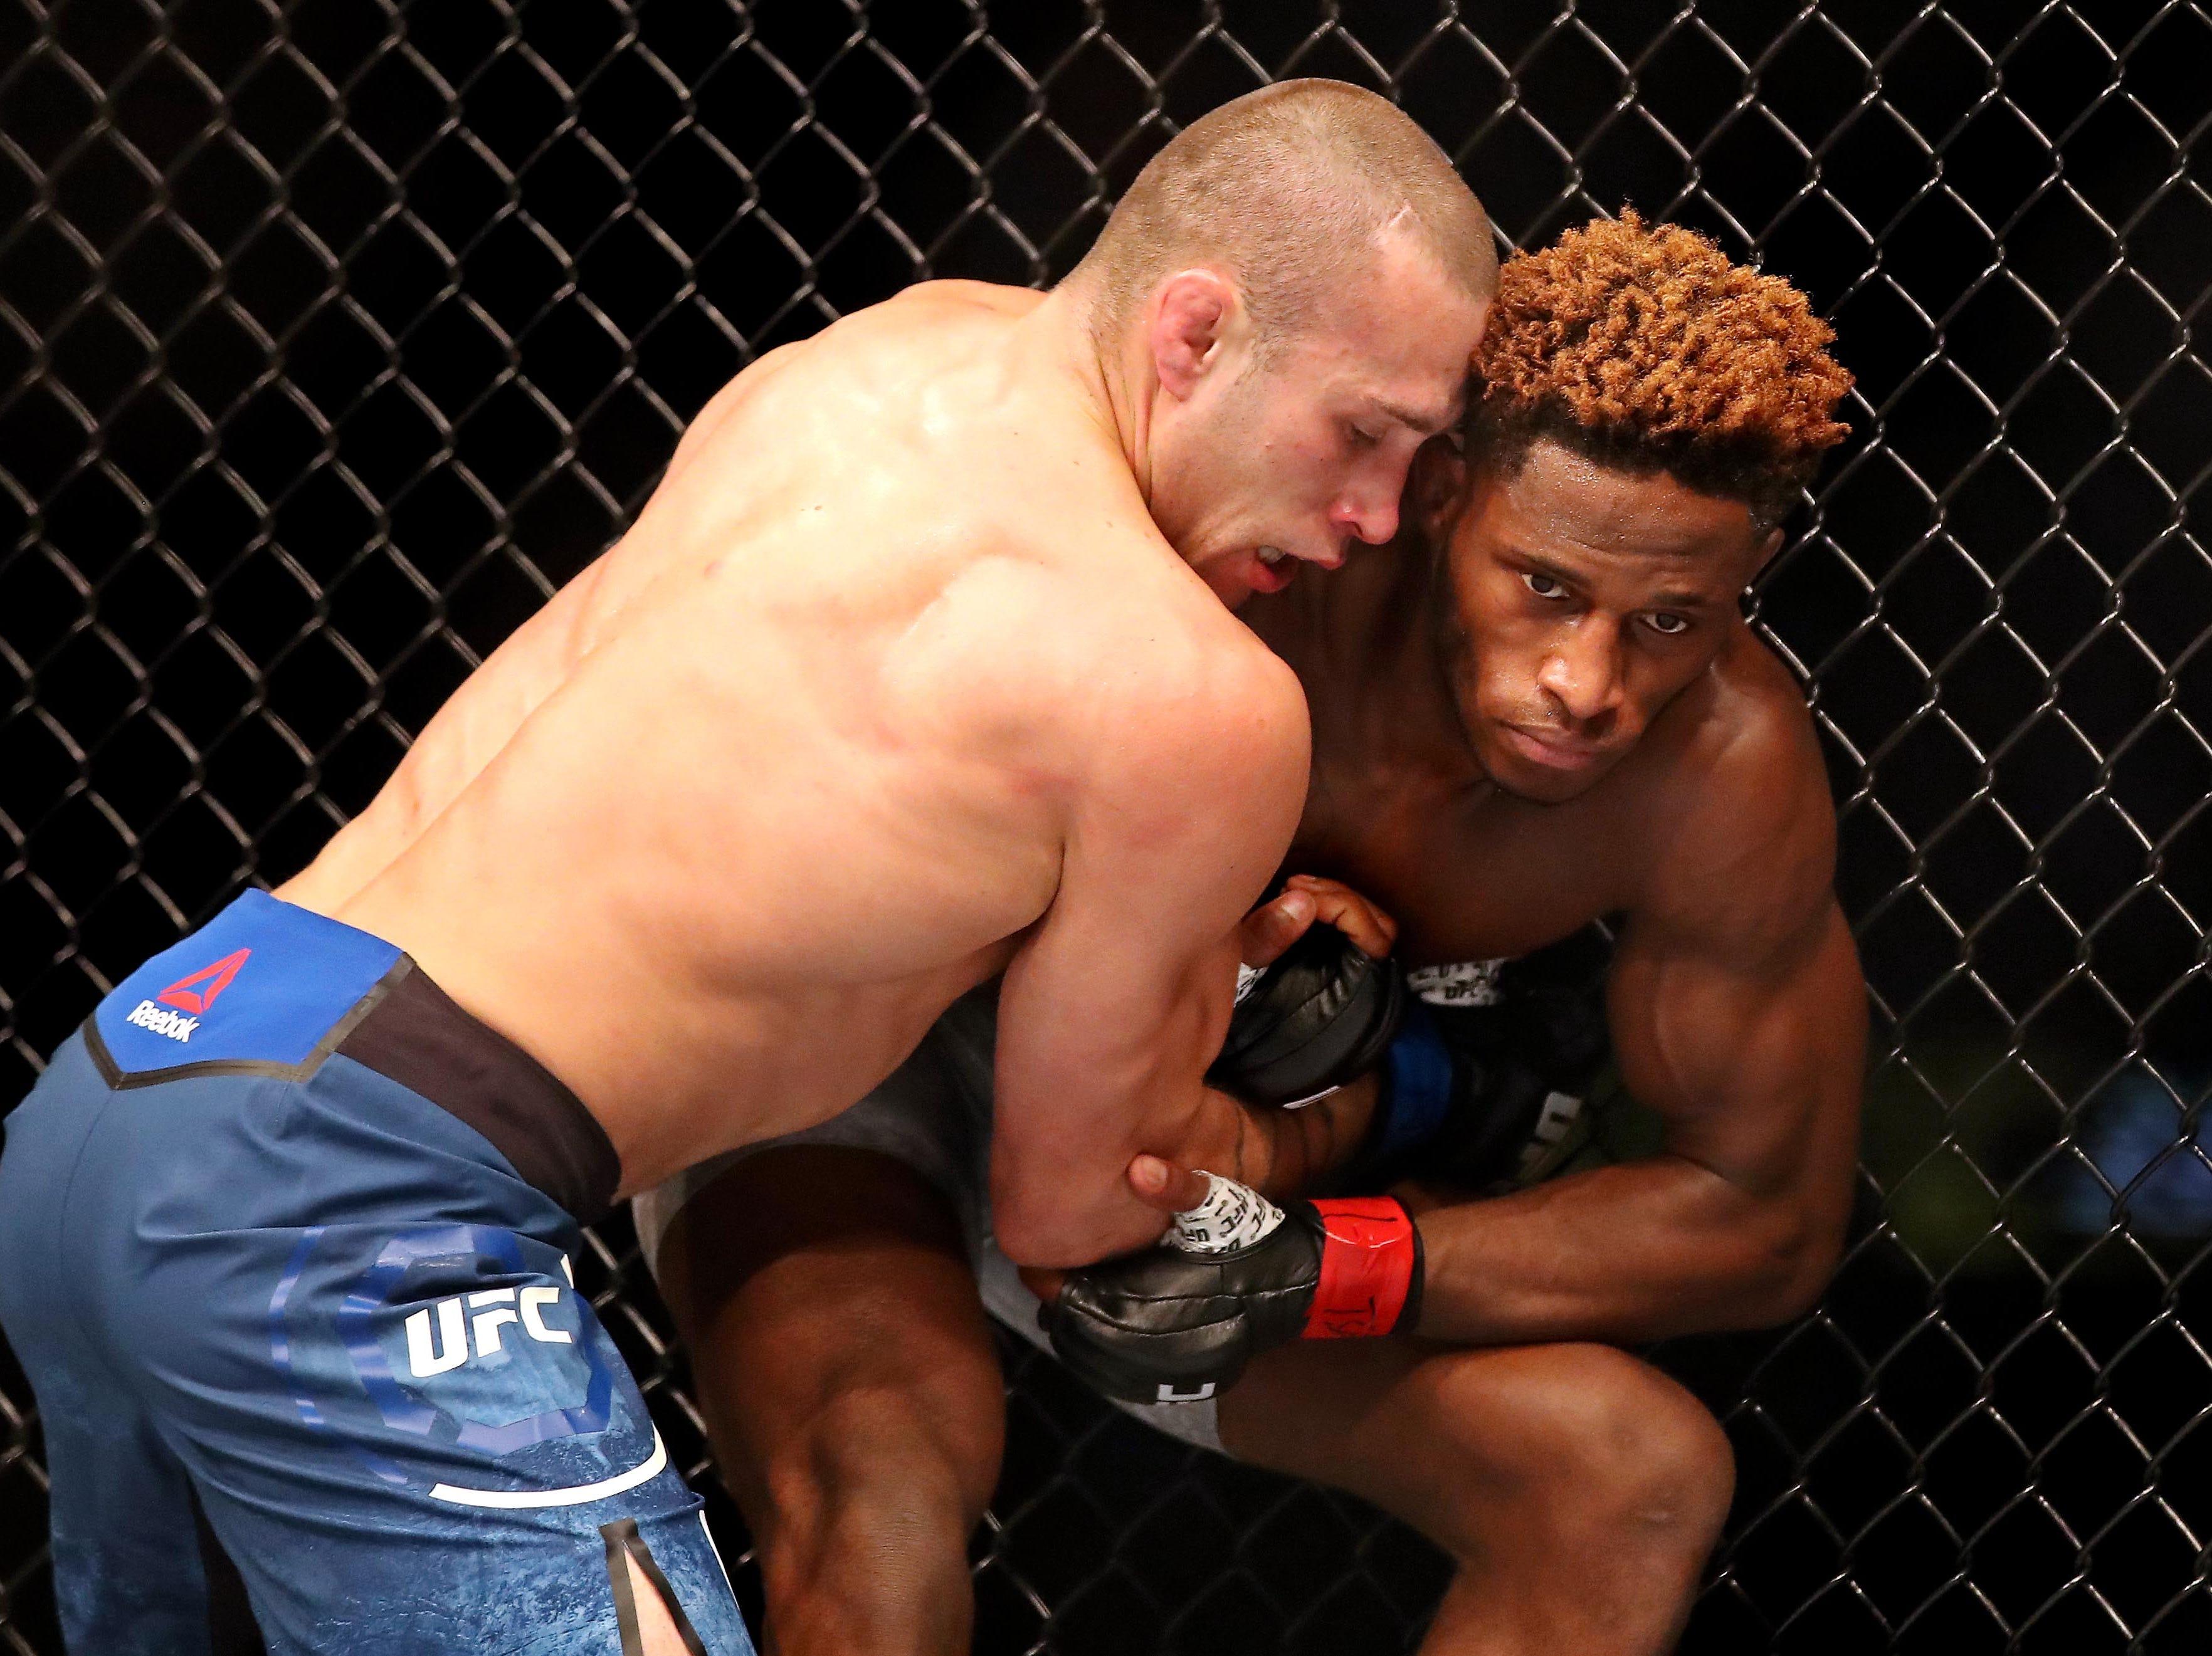 Hakeem Dawodu (red gloves) fights Kyle Bochniak (blue gloves) during UFC 231 at Scotiabank Arena.